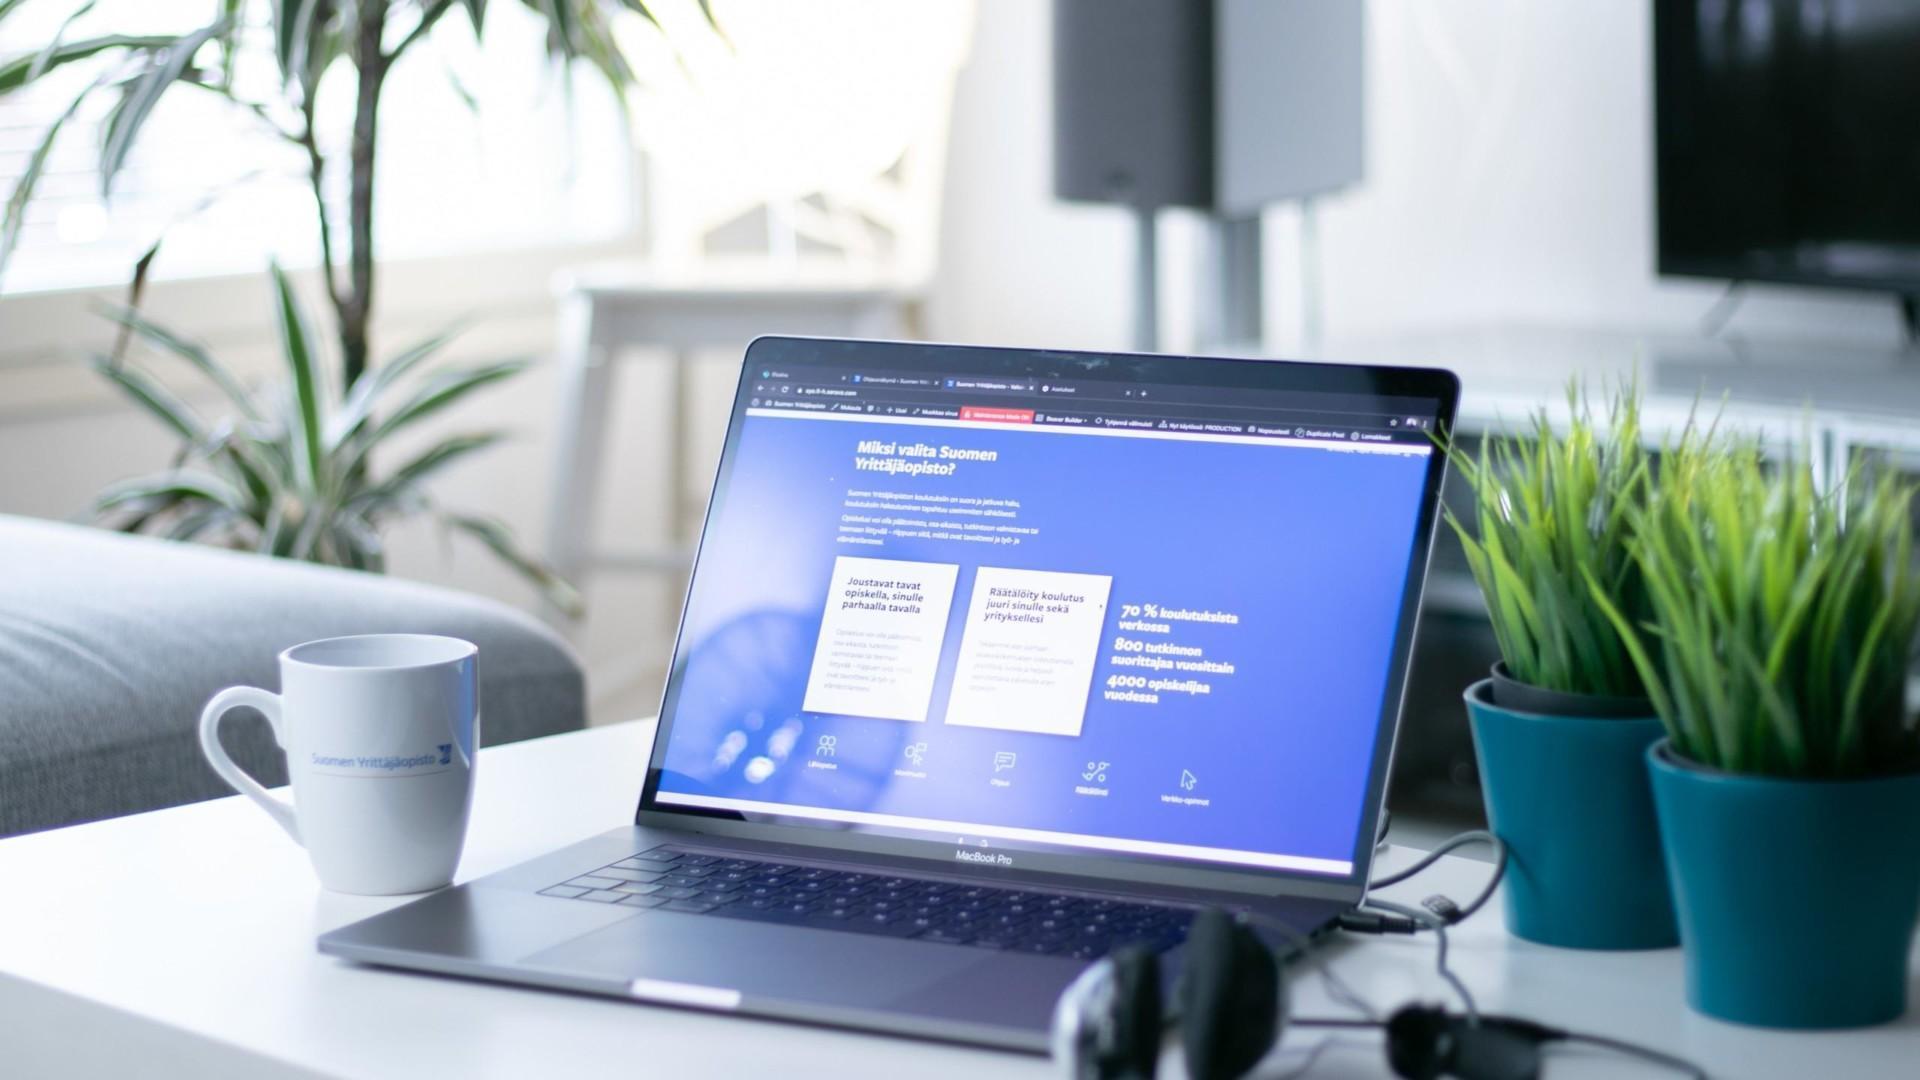 Tietokone ja kahvikuppi pöydällä.